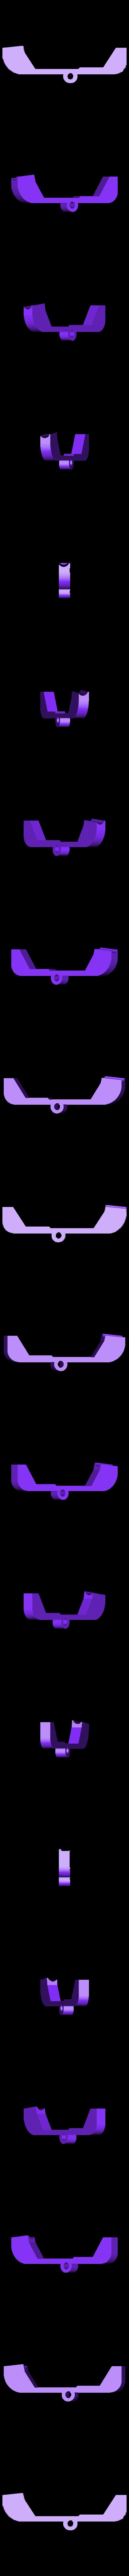 ap9 ejector.stl Download free STL file Shuty AP-9-9mm v1.3, 2020 • 3D printable design, idy26